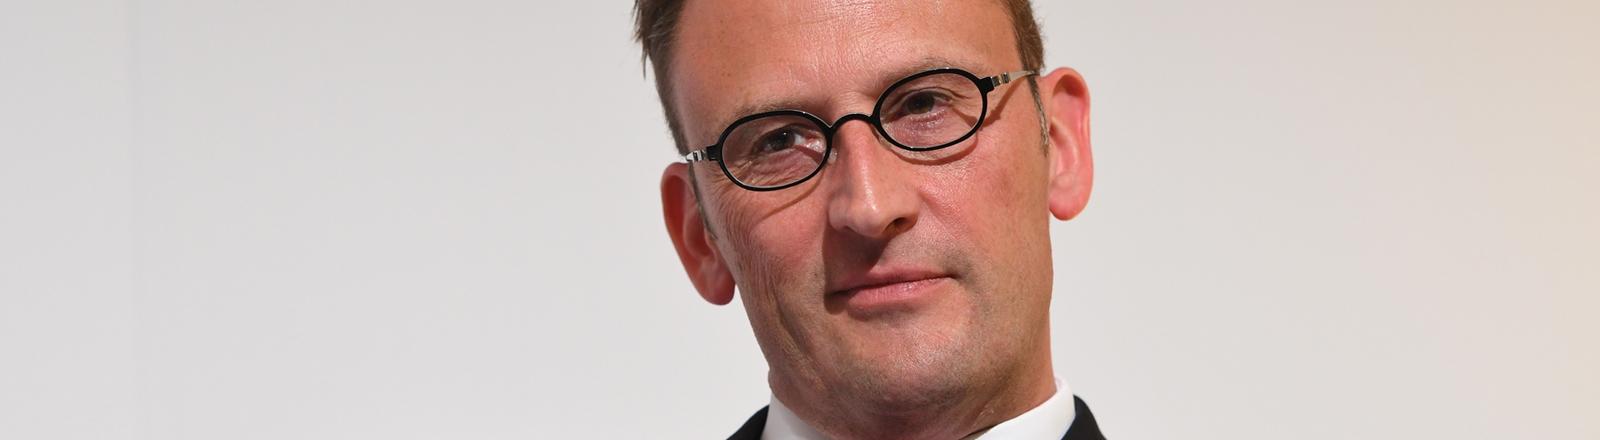 Tobias Schmid - Direktor, Landesanstalt für Medien NRW